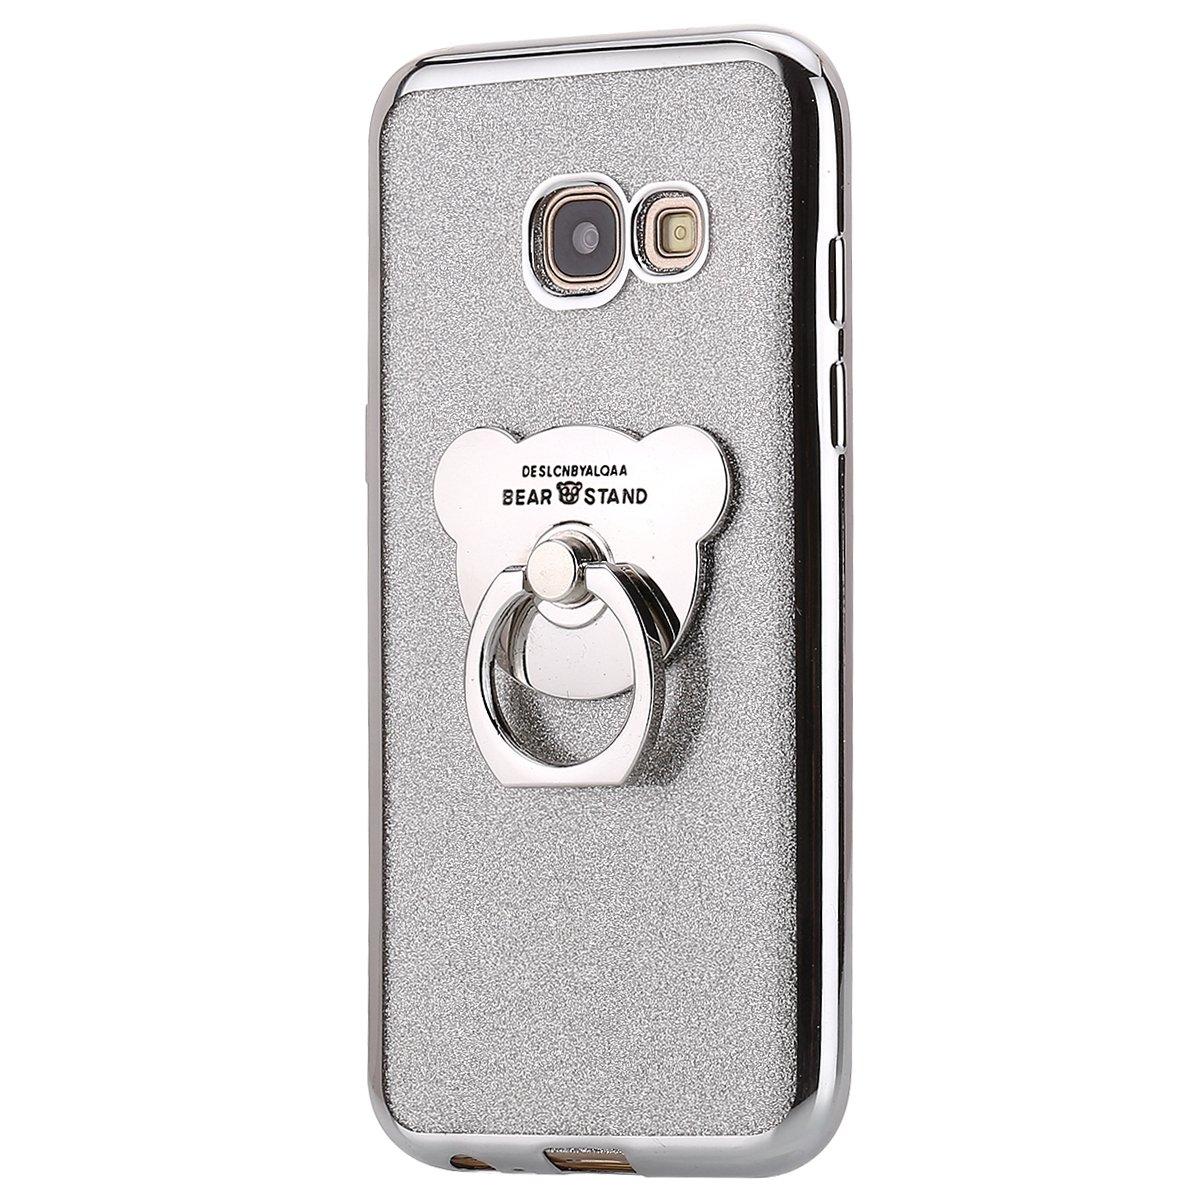 MoreChioce kompatibel mit Galaxy A5 2017 H/ülle,kompatibel mit Samsung Galaxy A5 2017 H/ülle Bling Diamant Durchsichtig Weich Silikon Handyh/ülle Sto/ßfest Schutzh/ülle Handytasche mit Ring